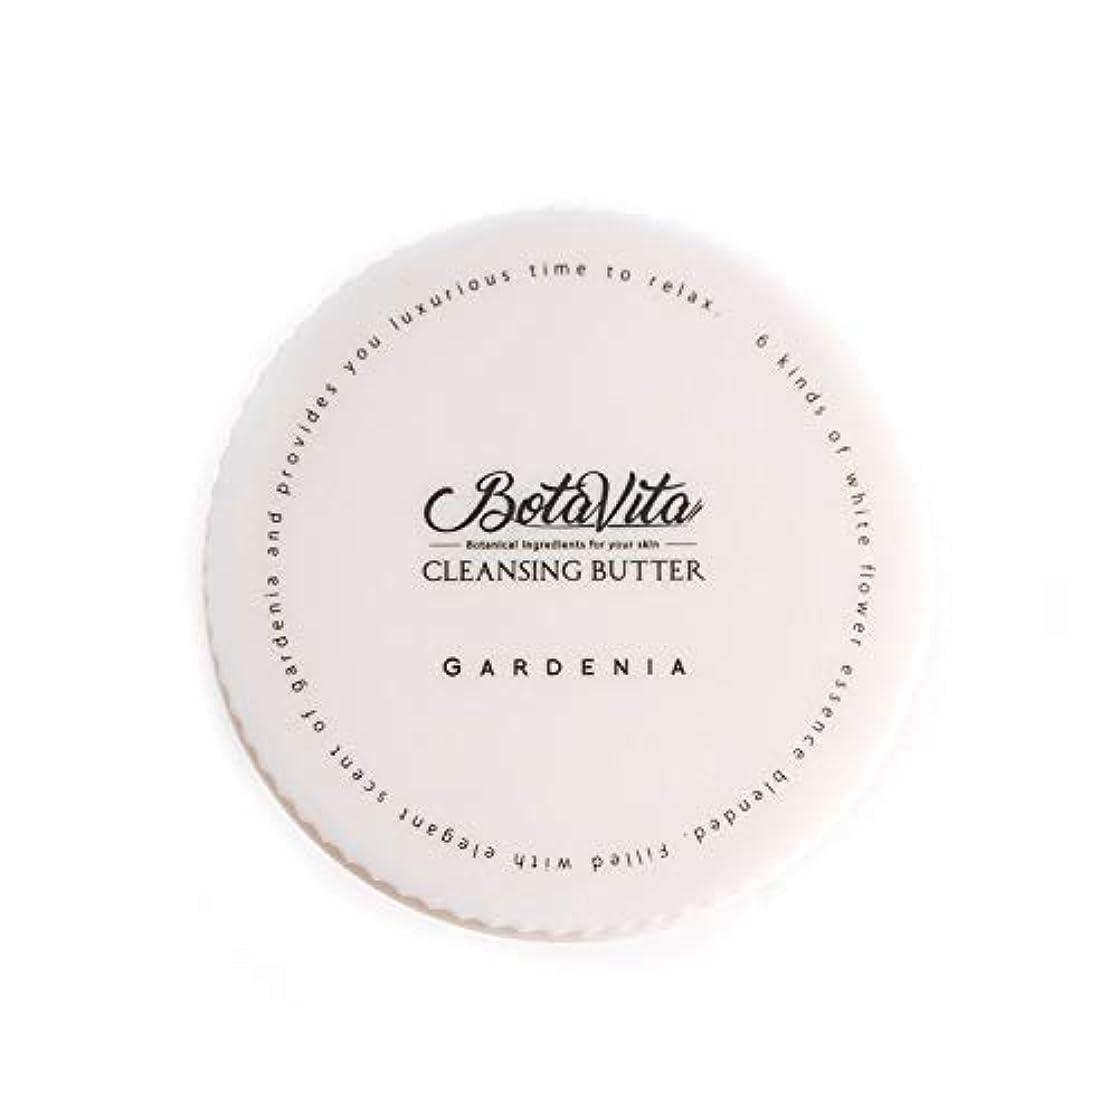 浴室時々乱用BotaVita ボタヴィータ クレンジングバター <ガーデニア> 80g ダブル洗顔不要 マツエク対応 保湿ケア 毛穴汚れオフ